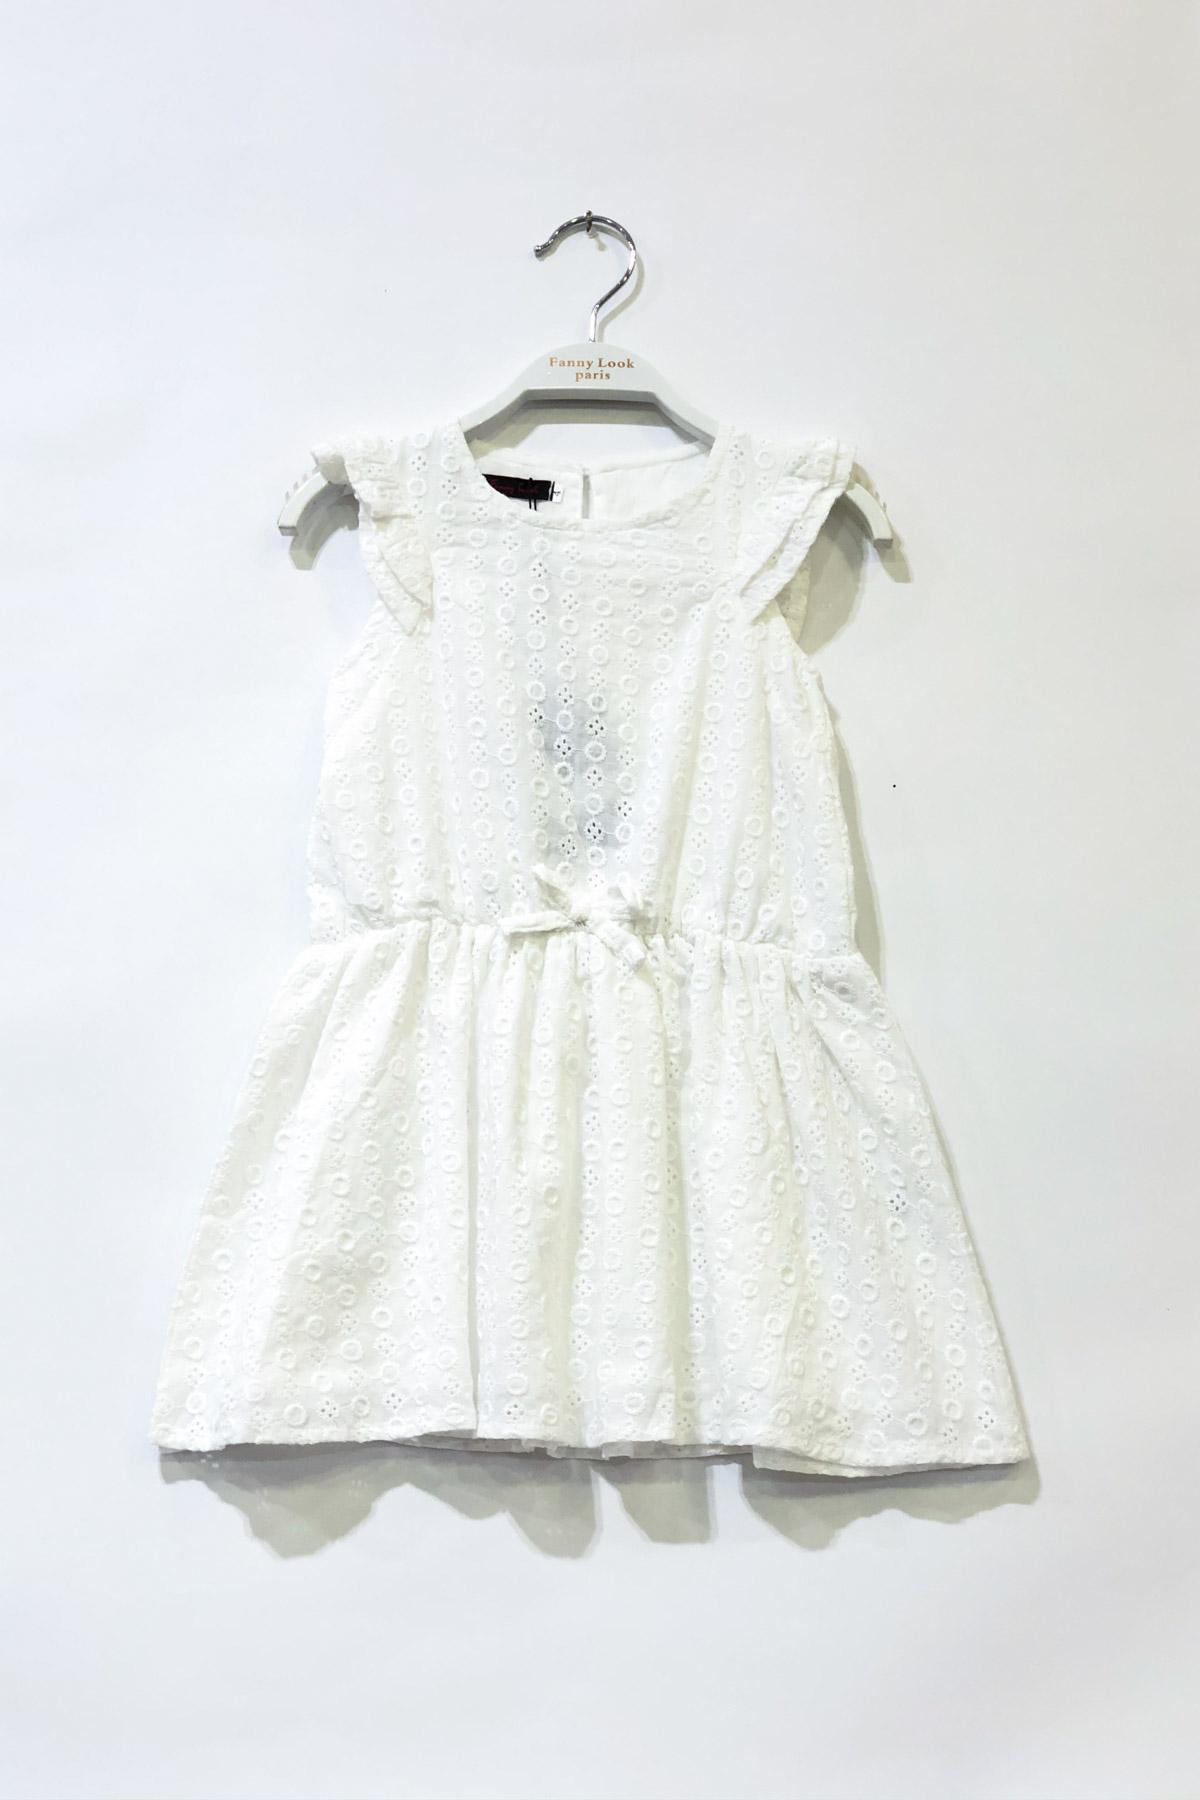 Robes Enfant Blanc FANNY LOOK 7428 #c eFashion Paris